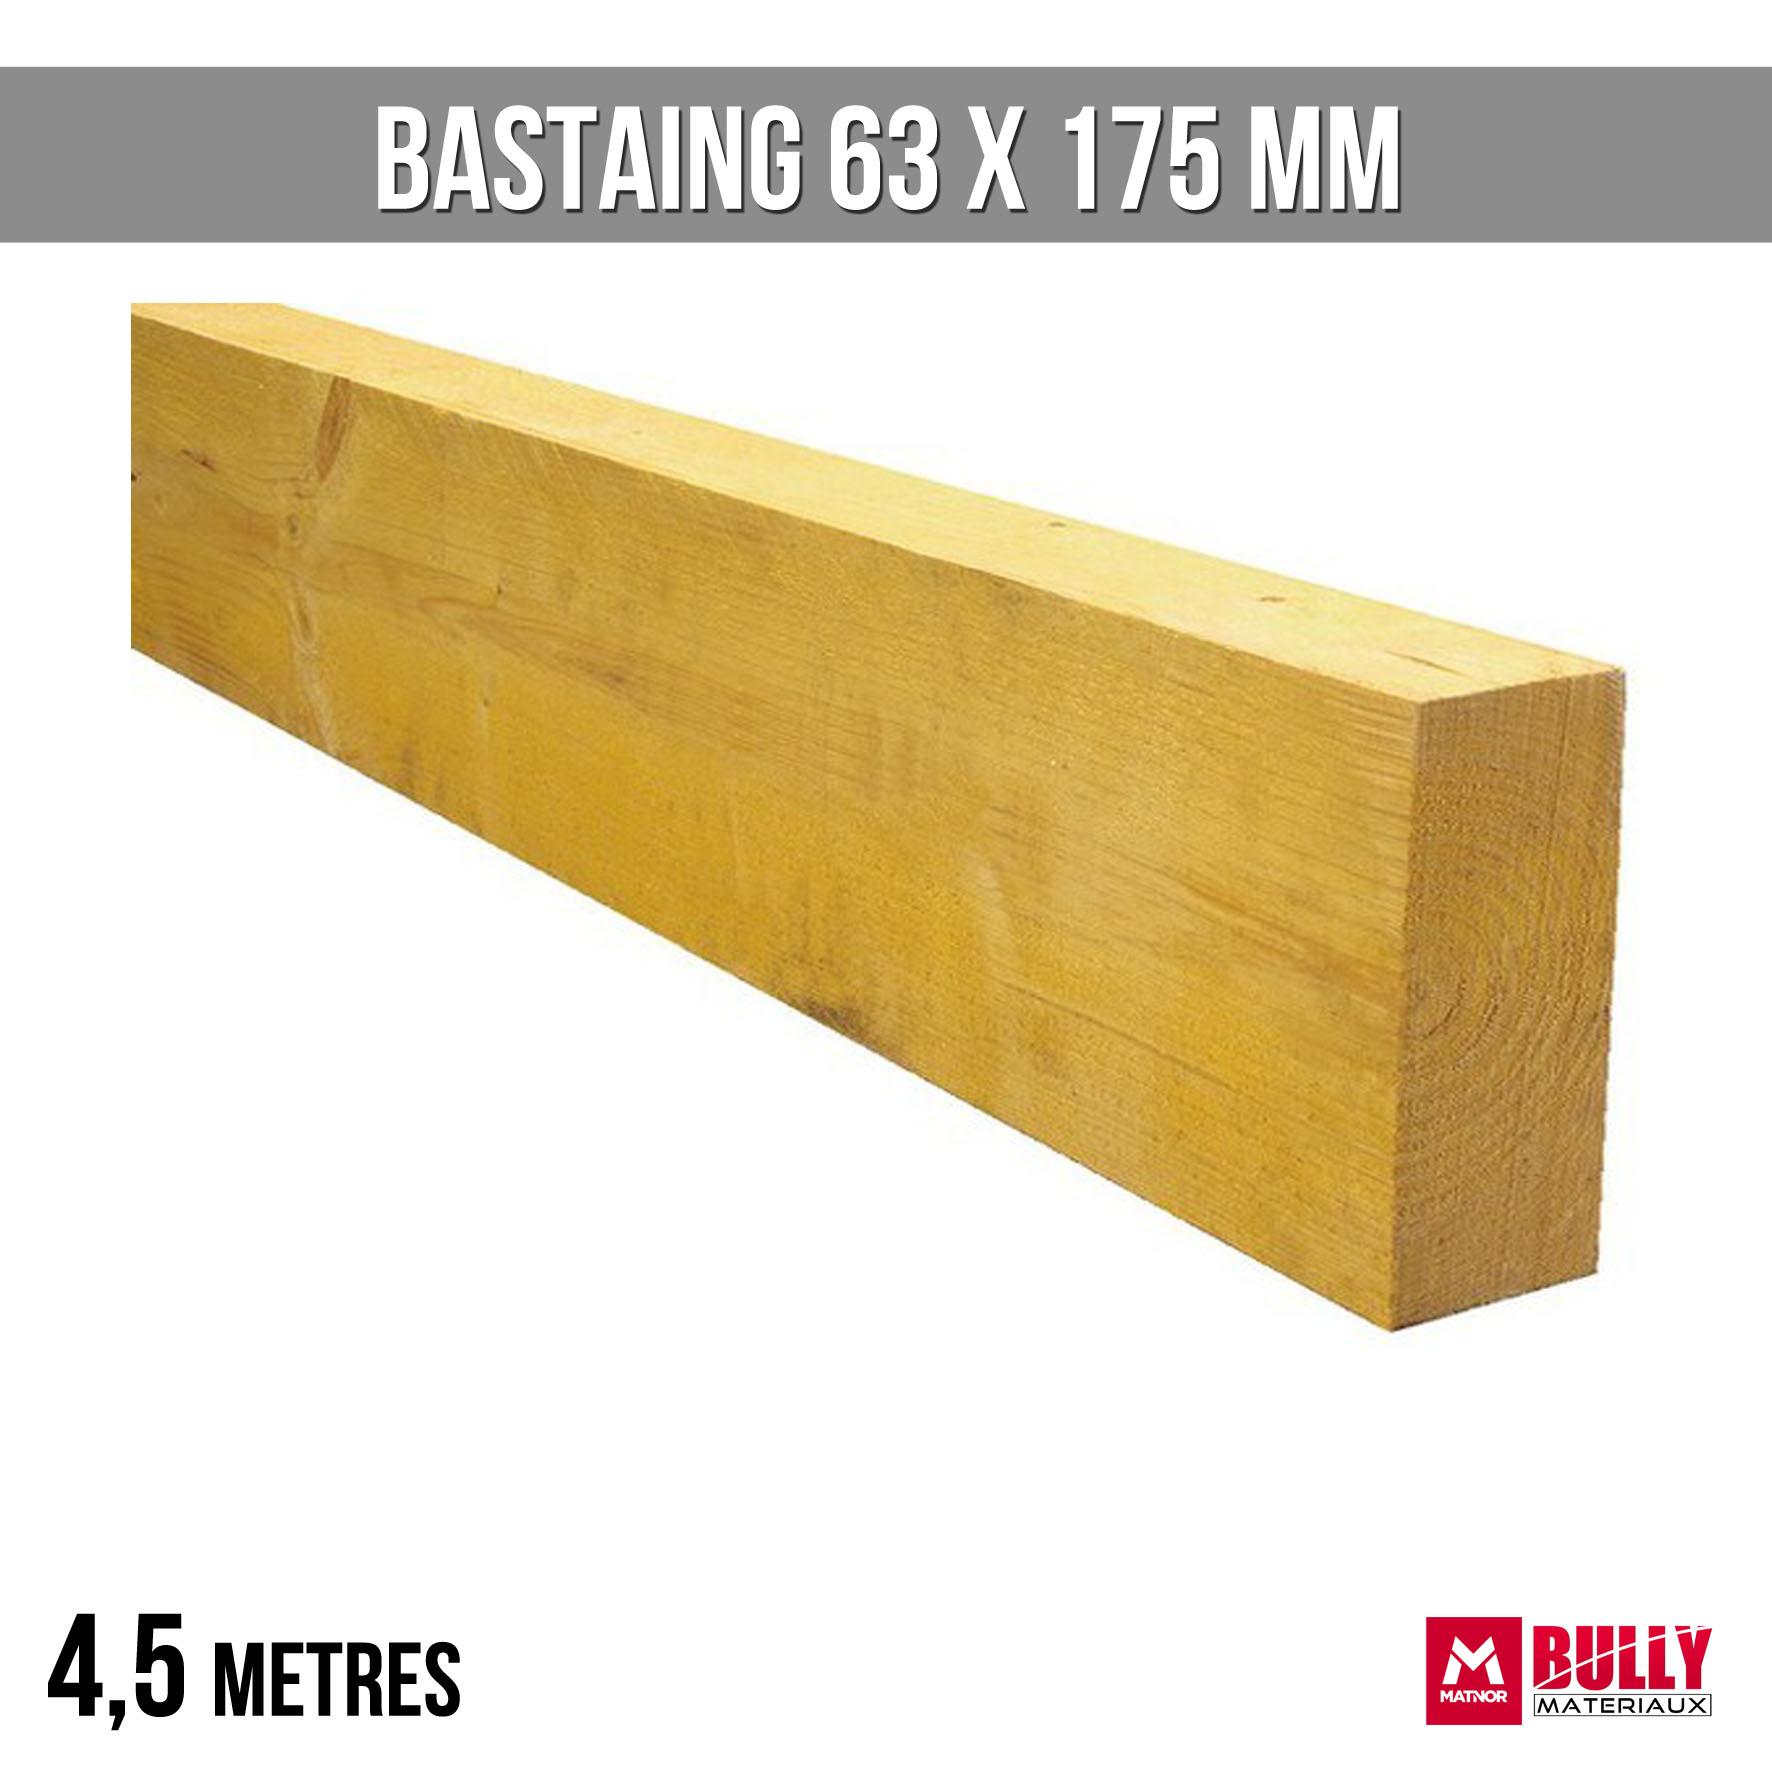 Bastaing 63 x 175 4 5m